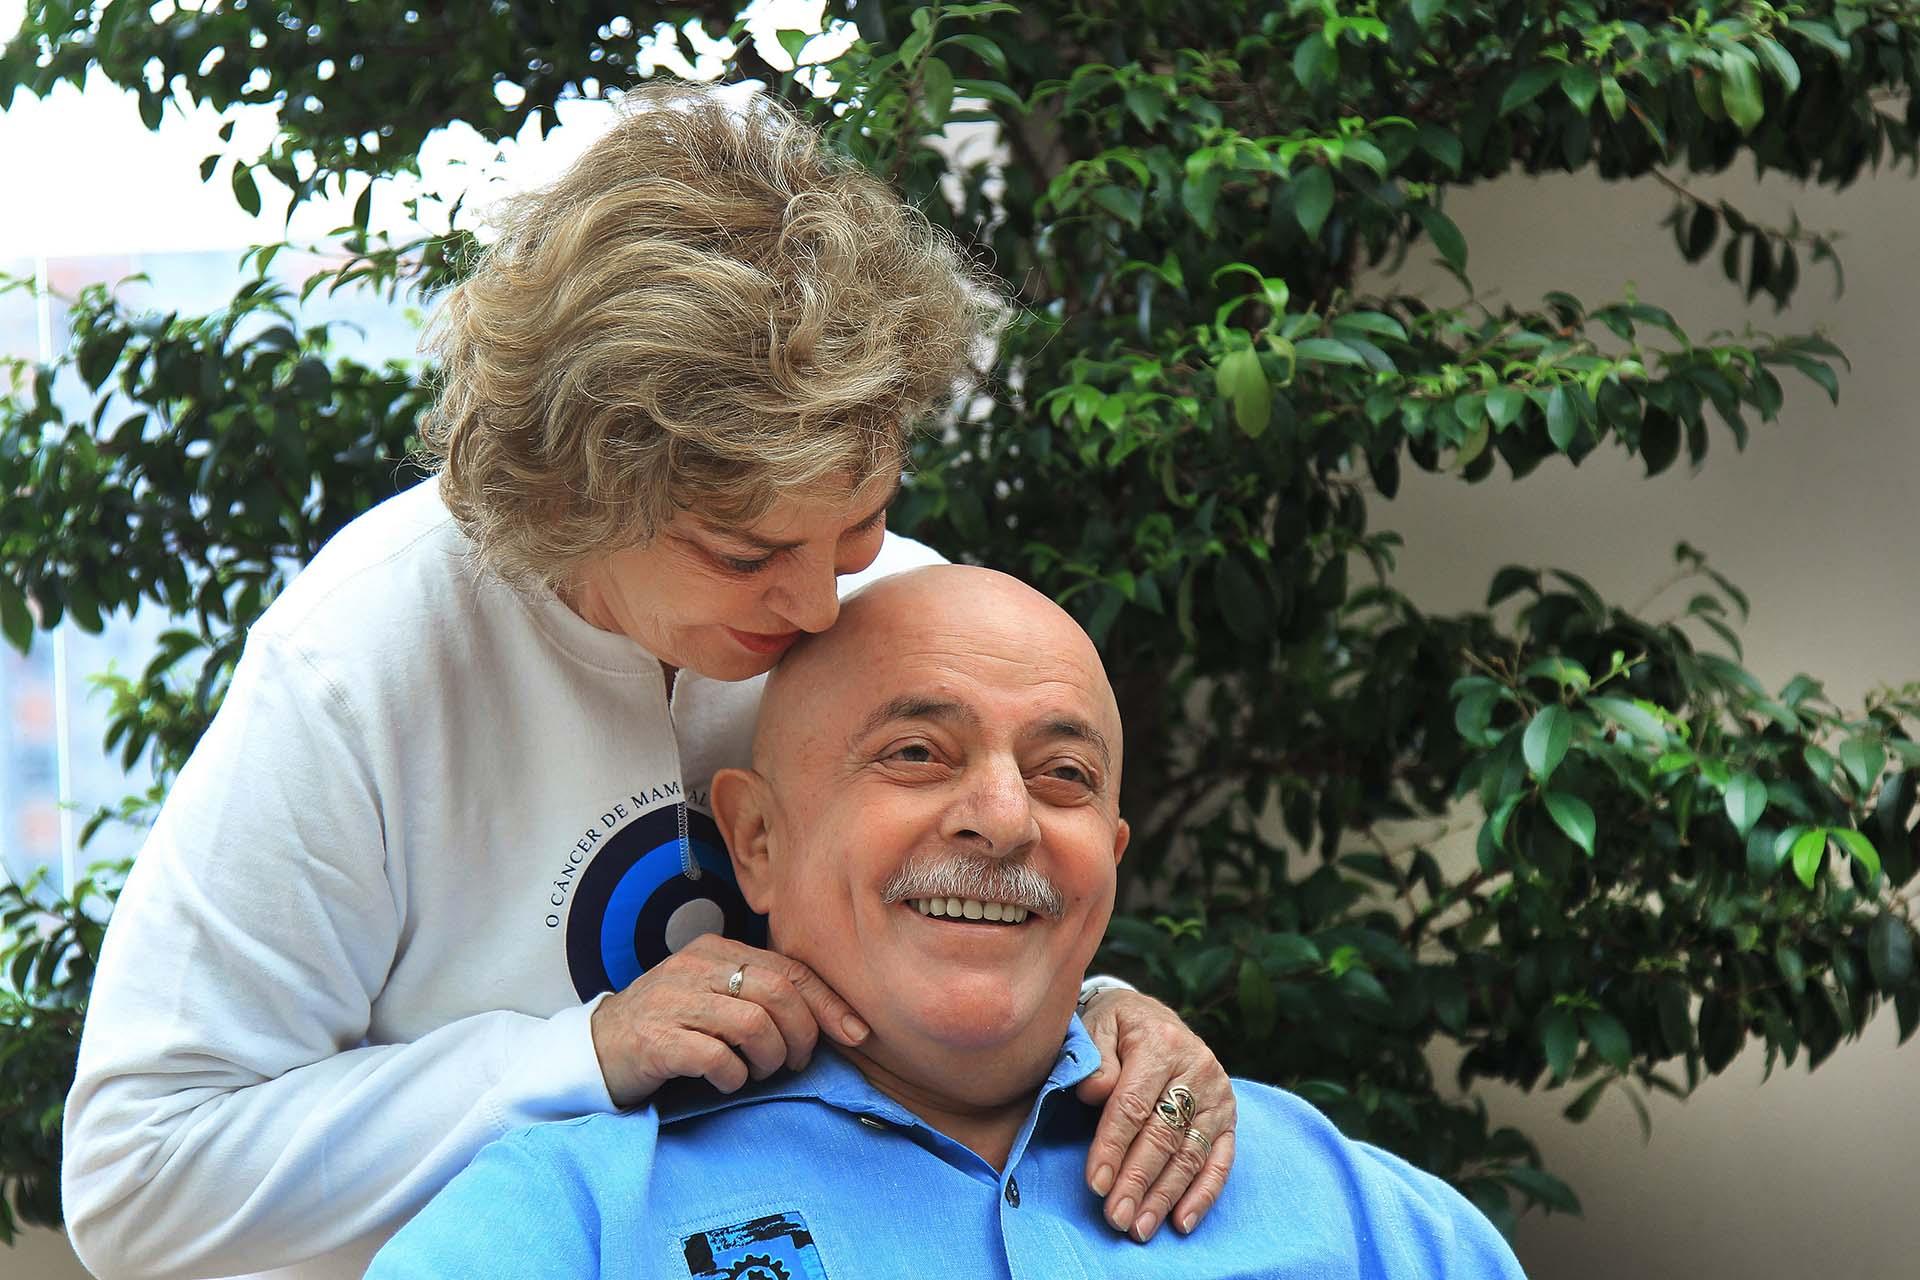 En 2011, a Lula se le diagnosticó cáncer de laringe. En esta imagen se lo ve junto con su esposa Marisa Leticia -fallecida en febrero de 2017-, quien le afeitó la barba y la cabeza, en su casa de São Bernardo do Campo, en San Pablo, antes de que se le cayera el cabello como consecuencia de la quimioterapia. Un año después, los médicos aseguraron que el tumor maligno había desaparecido (EFE / Ricardo Stuckert)